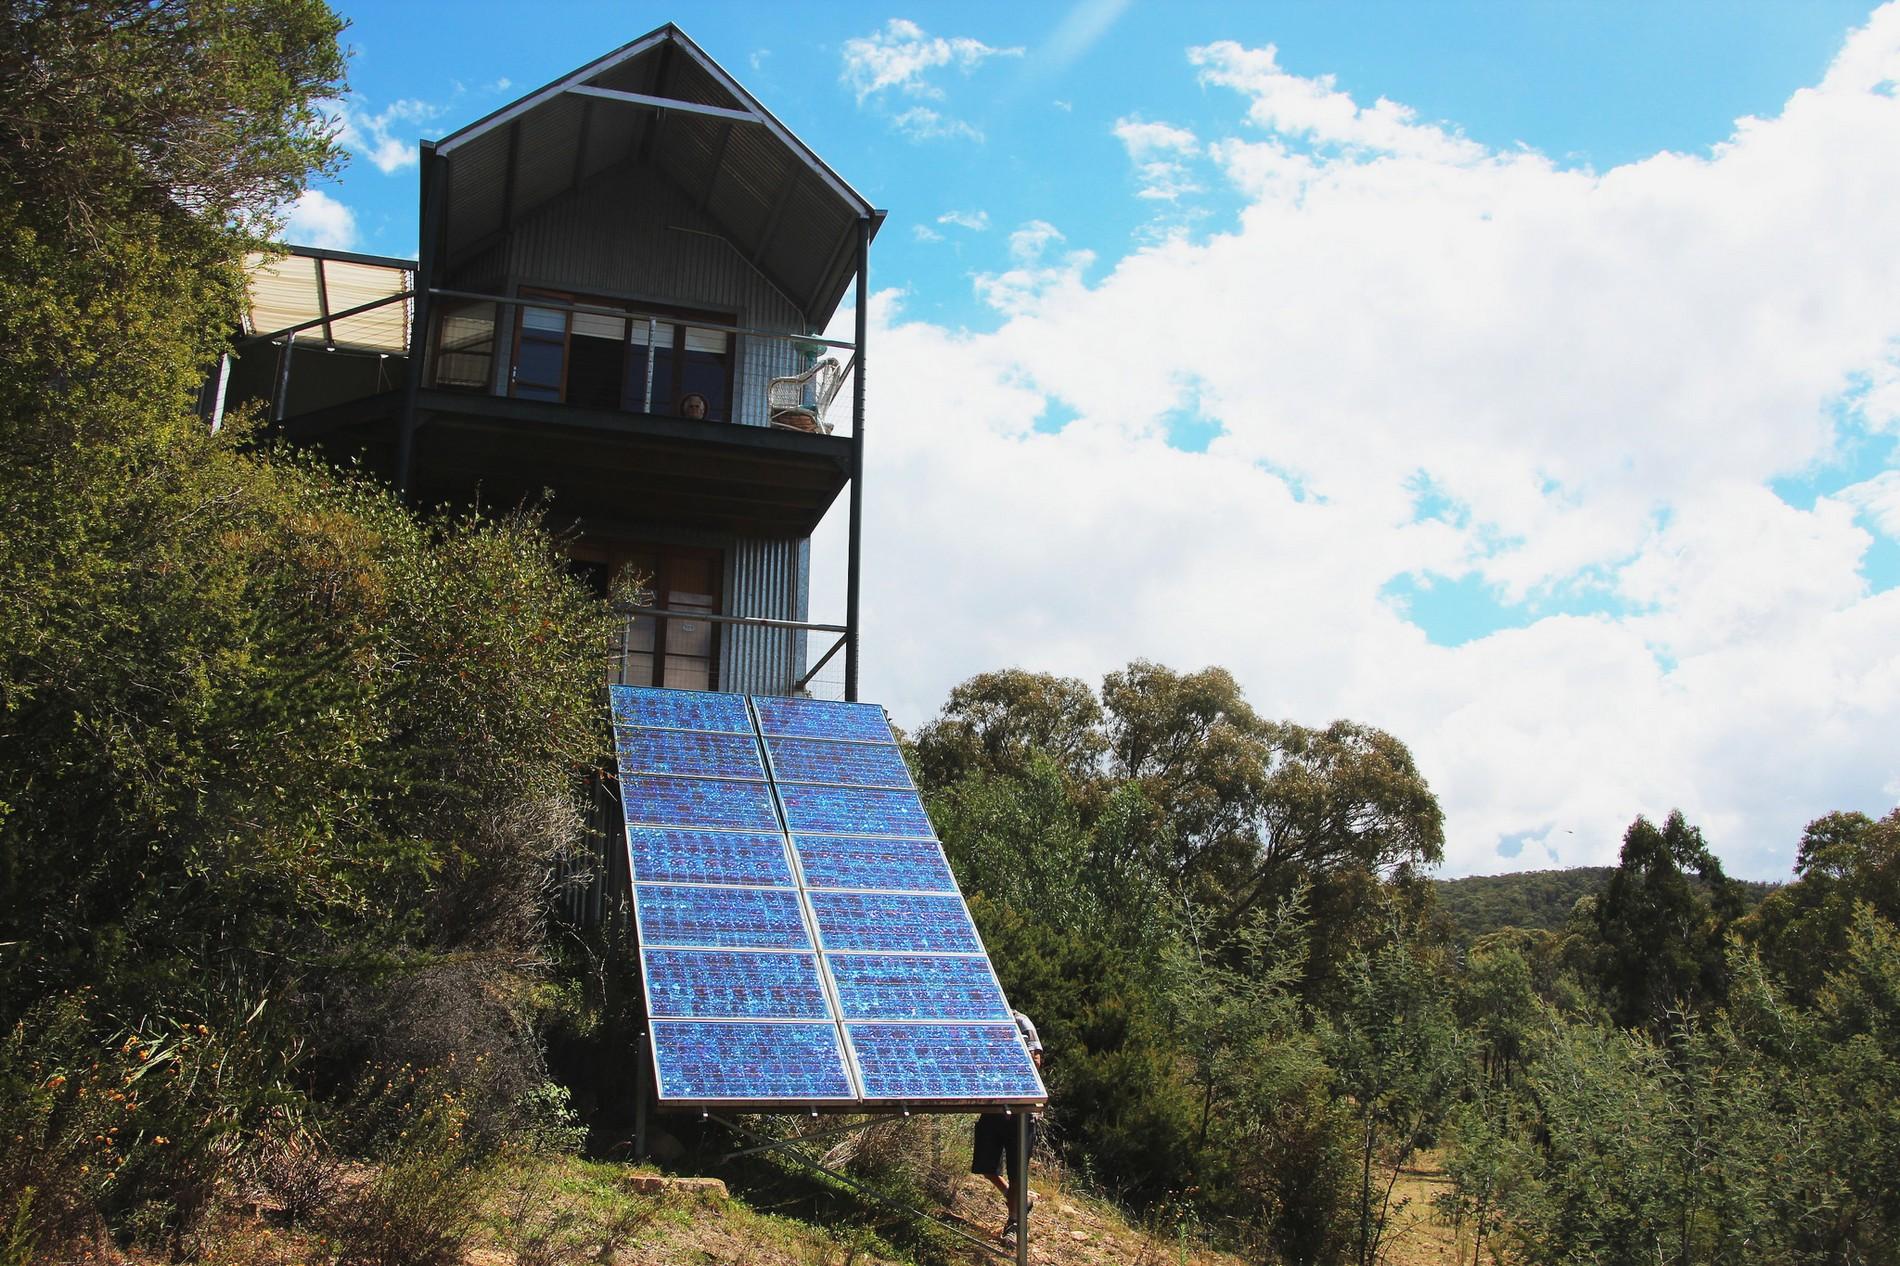 panneaux solaire prix et guide d 39 achat pour sa maison. Black Bedroom Furniture Sets. Home Design Ideas